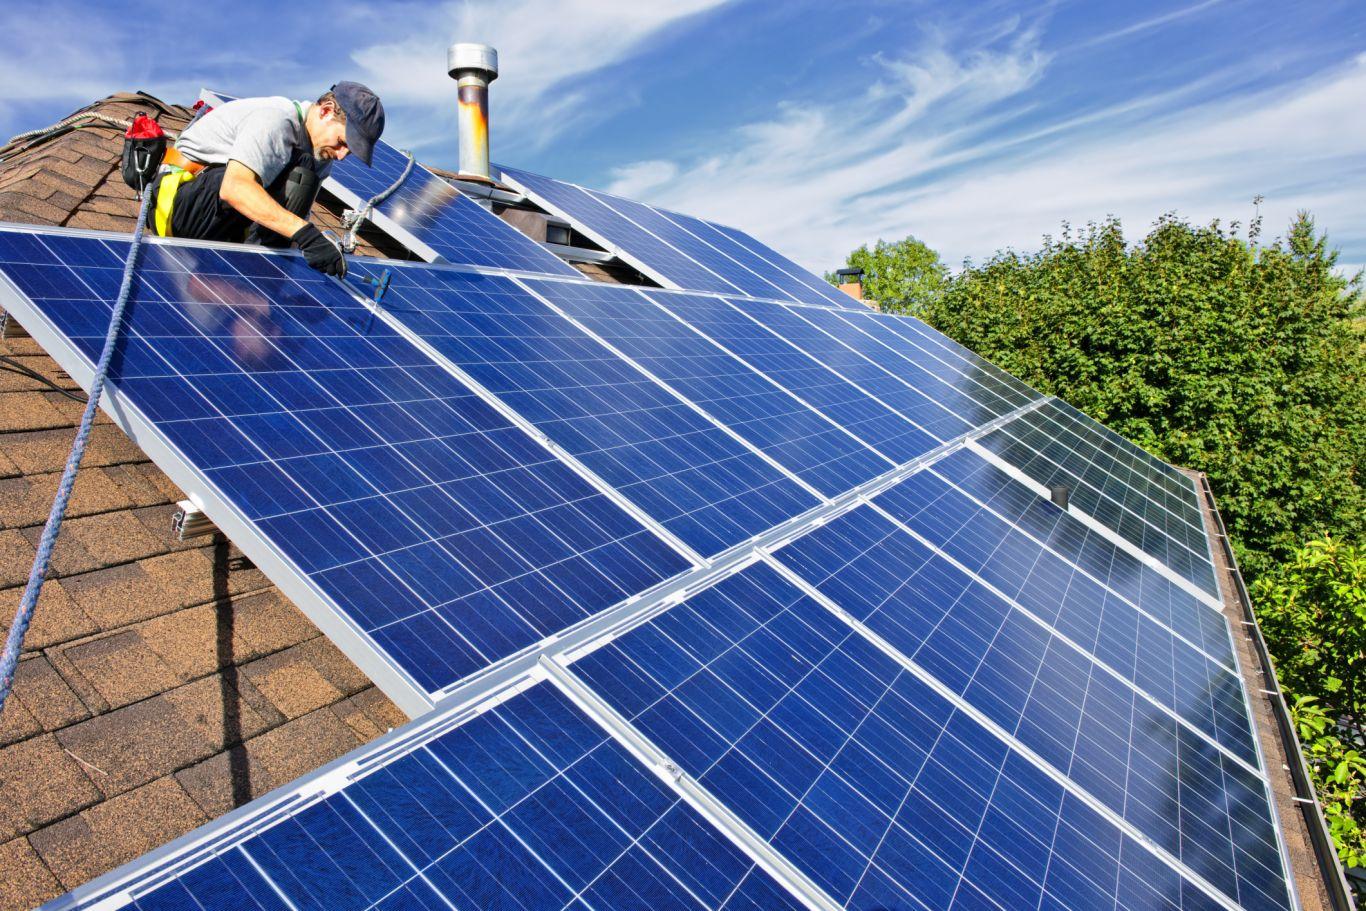 Video Bagaimana Solar Panel Berfungsi Majalahsains